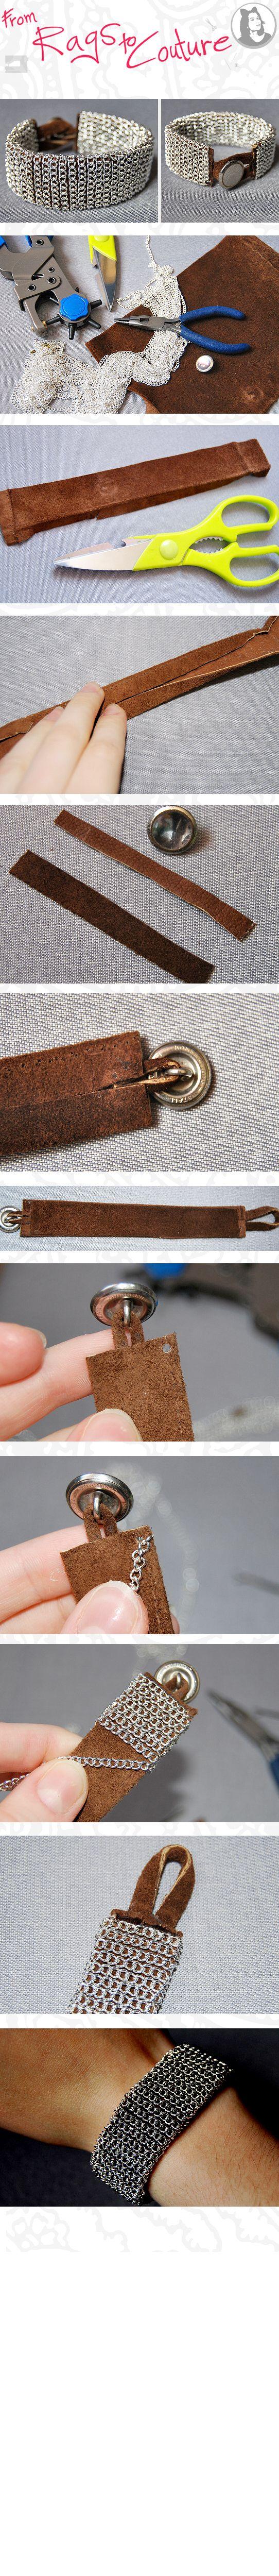 #DIY leather bracelet and chain | #faidate bracciale in pelle e catenella | davvero bello e semplice! #facile #particolare